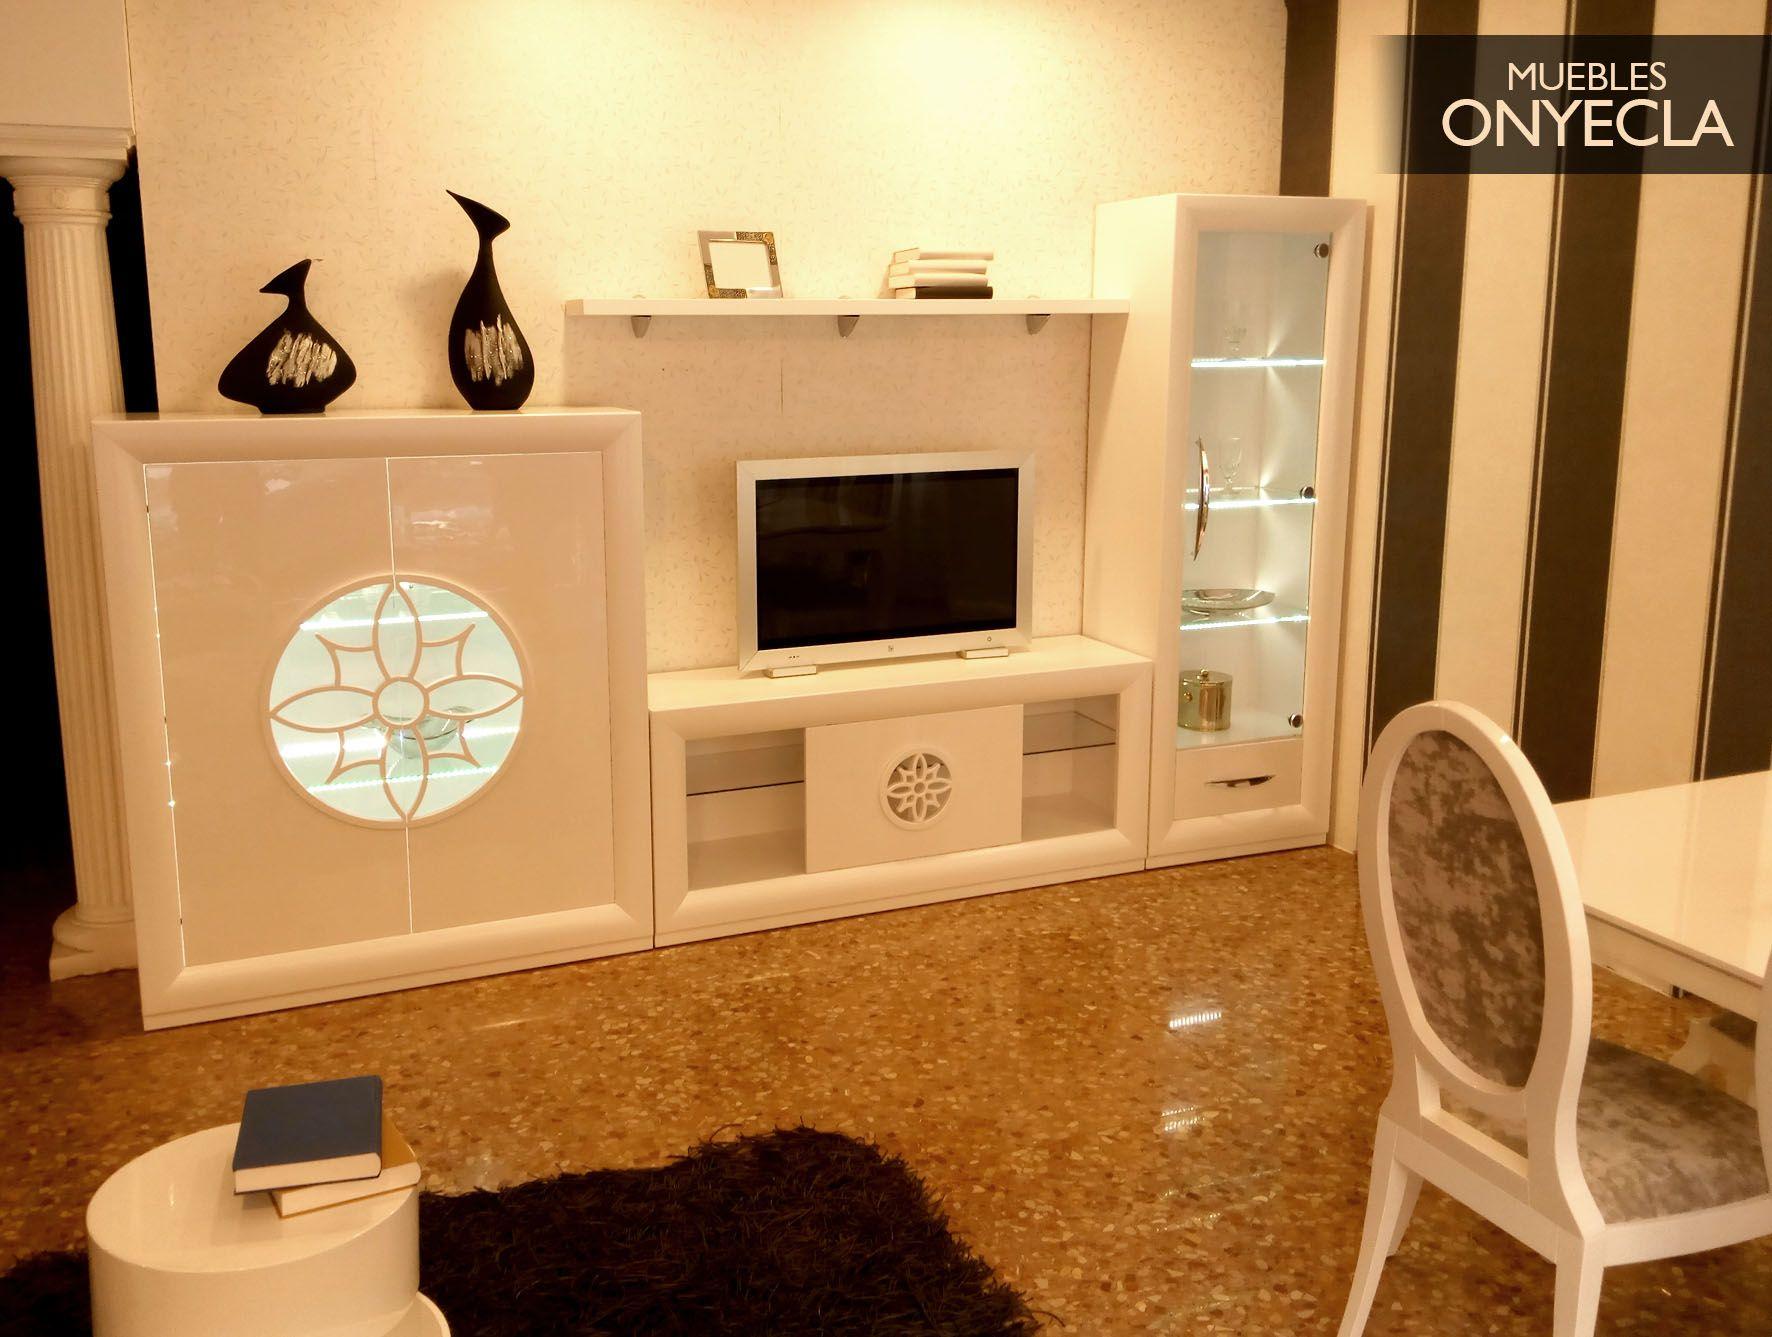 Donde comprar muebles | Pinterest | Muebles de salón, Salón y ...